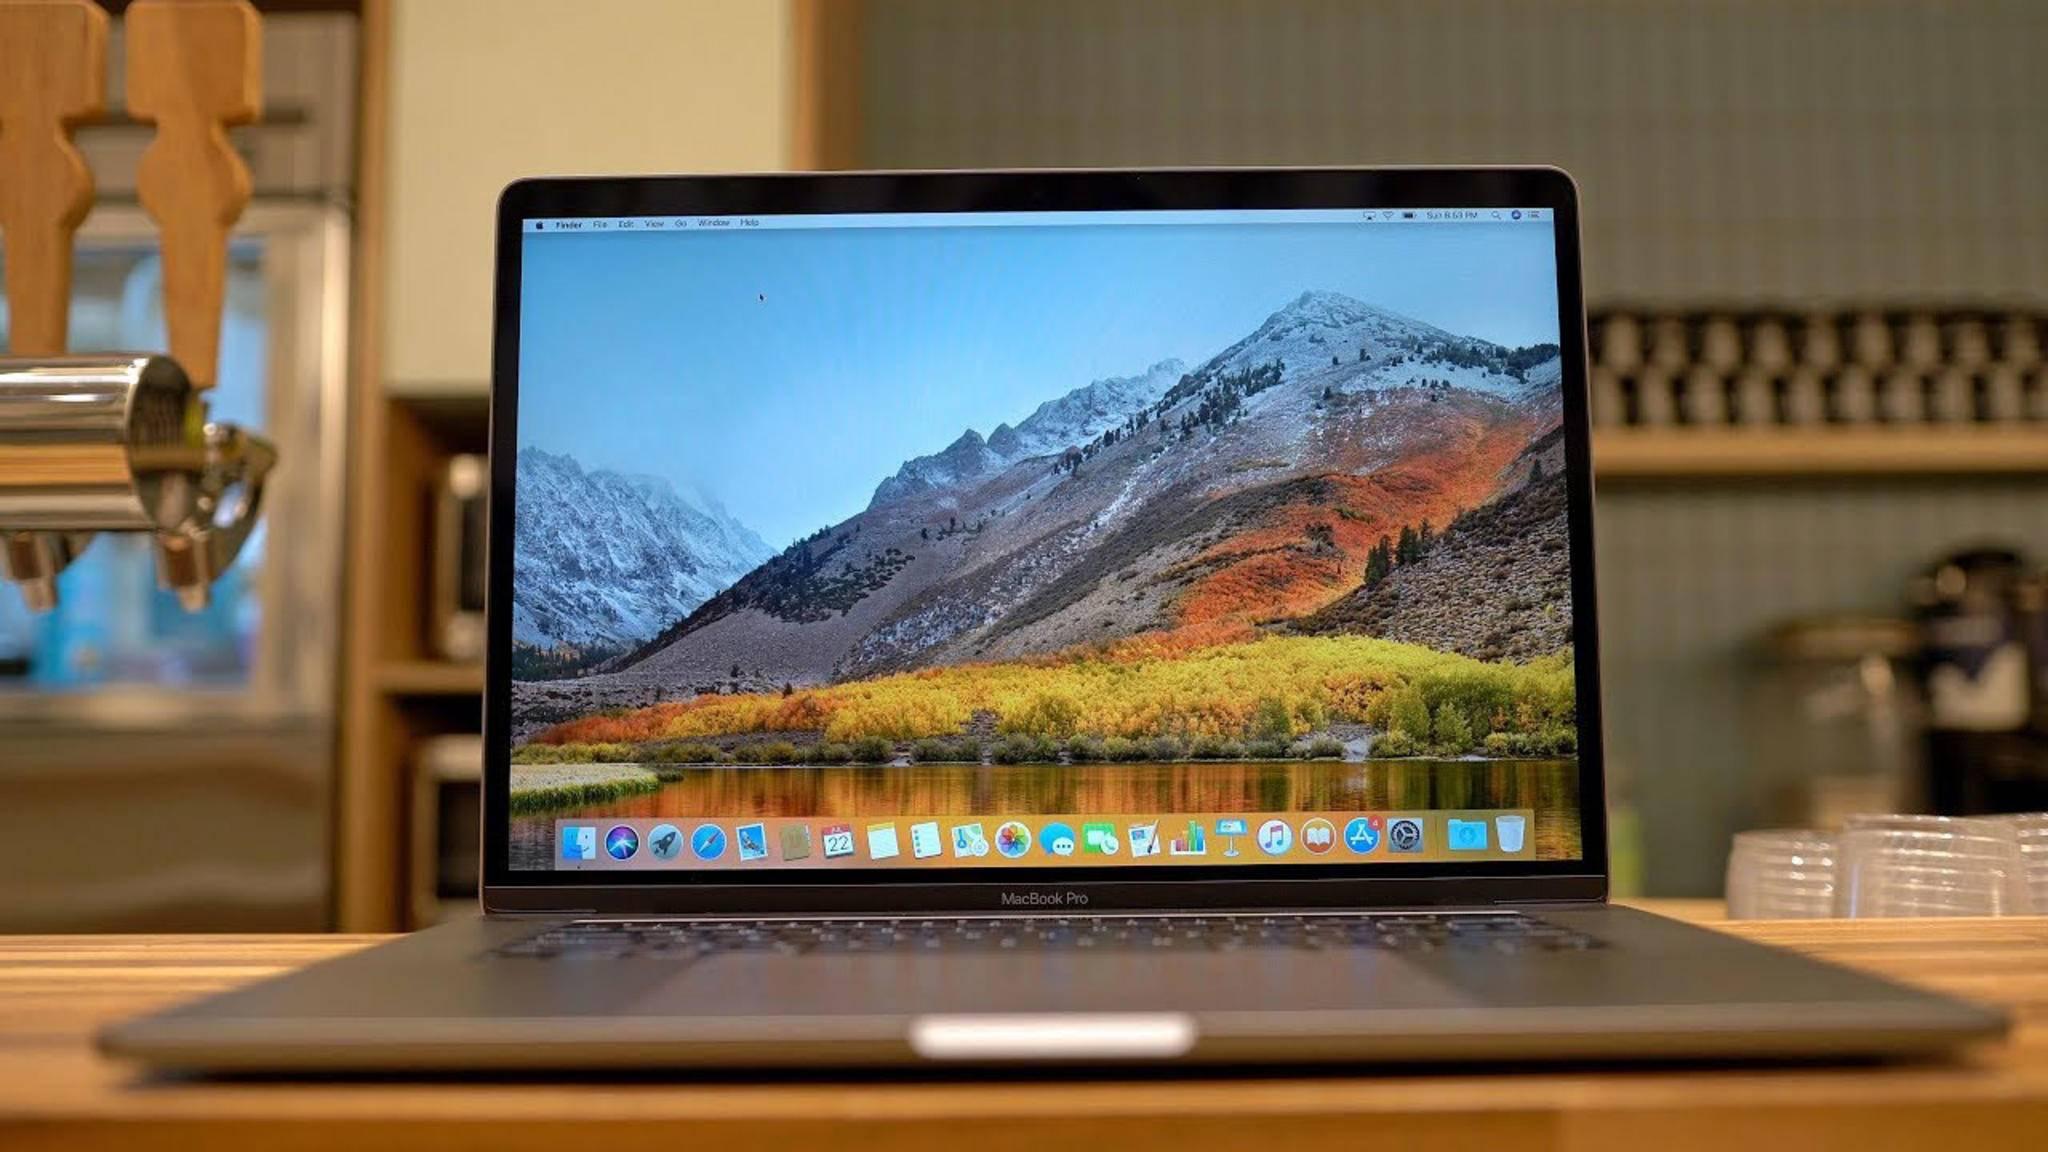 Soll das MacBook Pro 2018 repariert werden, empfiehlt sich der Besuch eines autorisierten Apple-Reparaturdienstleisters.